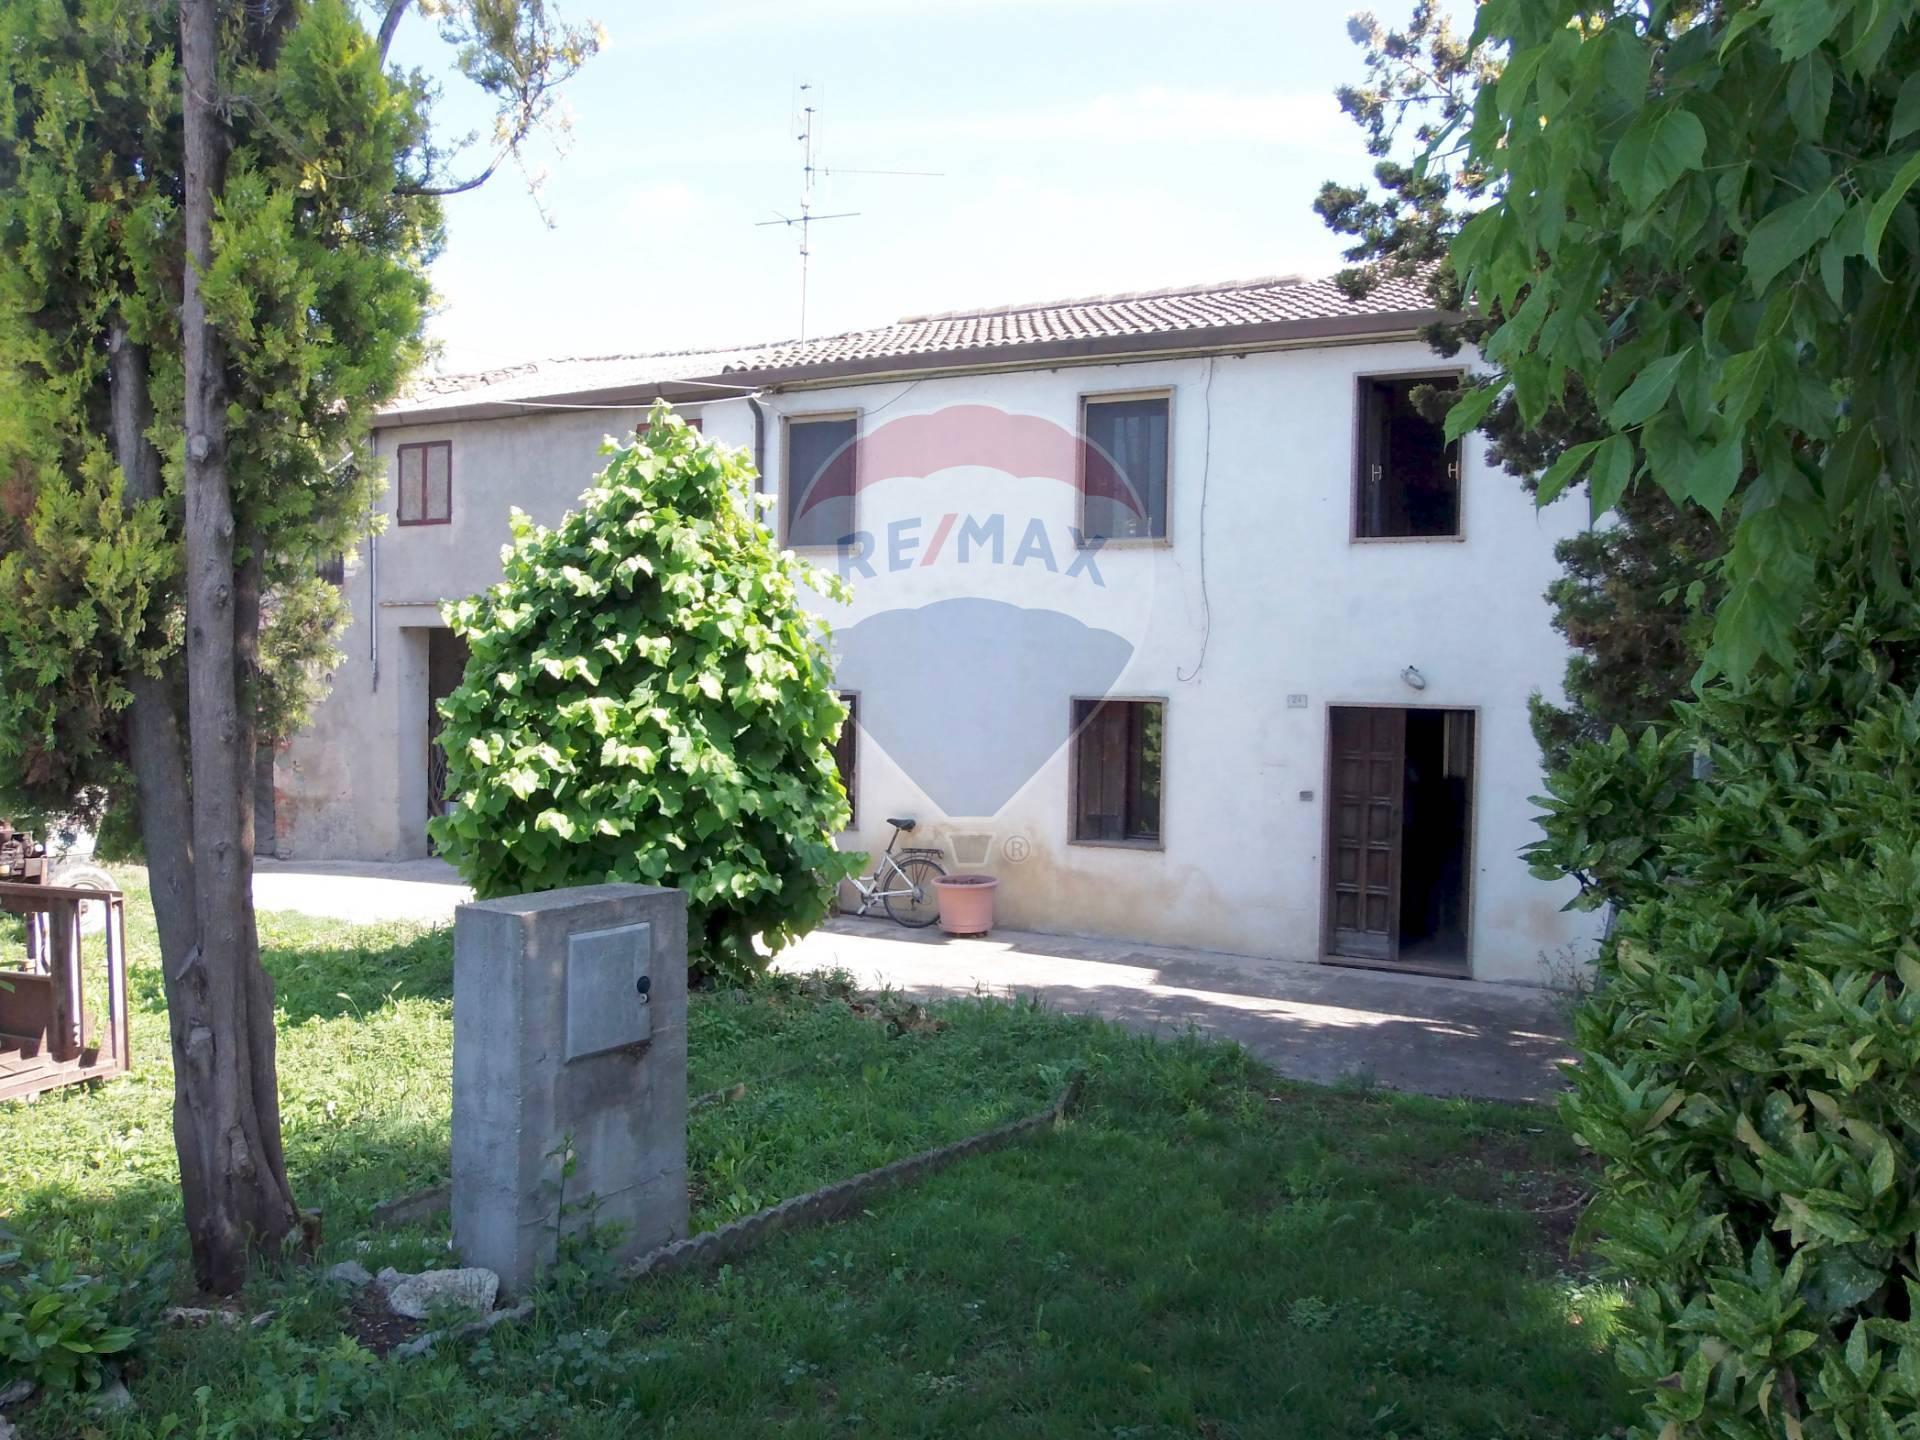 Soluzione Semindipendente in vendita a Pojana Maggiore, 10 locali, prezzo € 65.000   CambioCasa.it